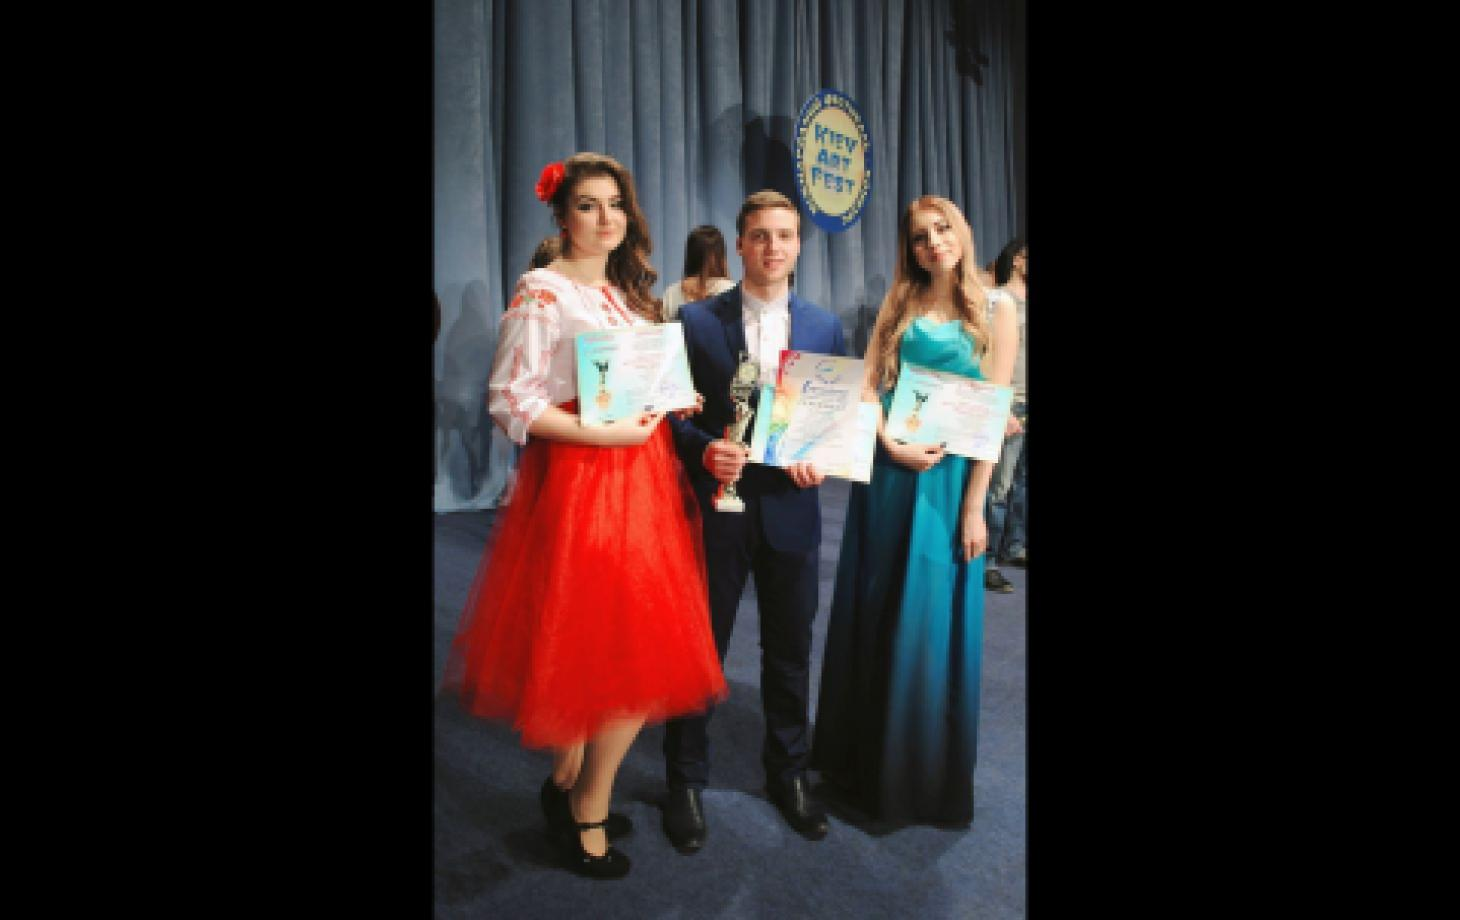 Призёры конкурса в Киеве: Валерия Иванович, Валентин Бурлак и Валентина Стратий